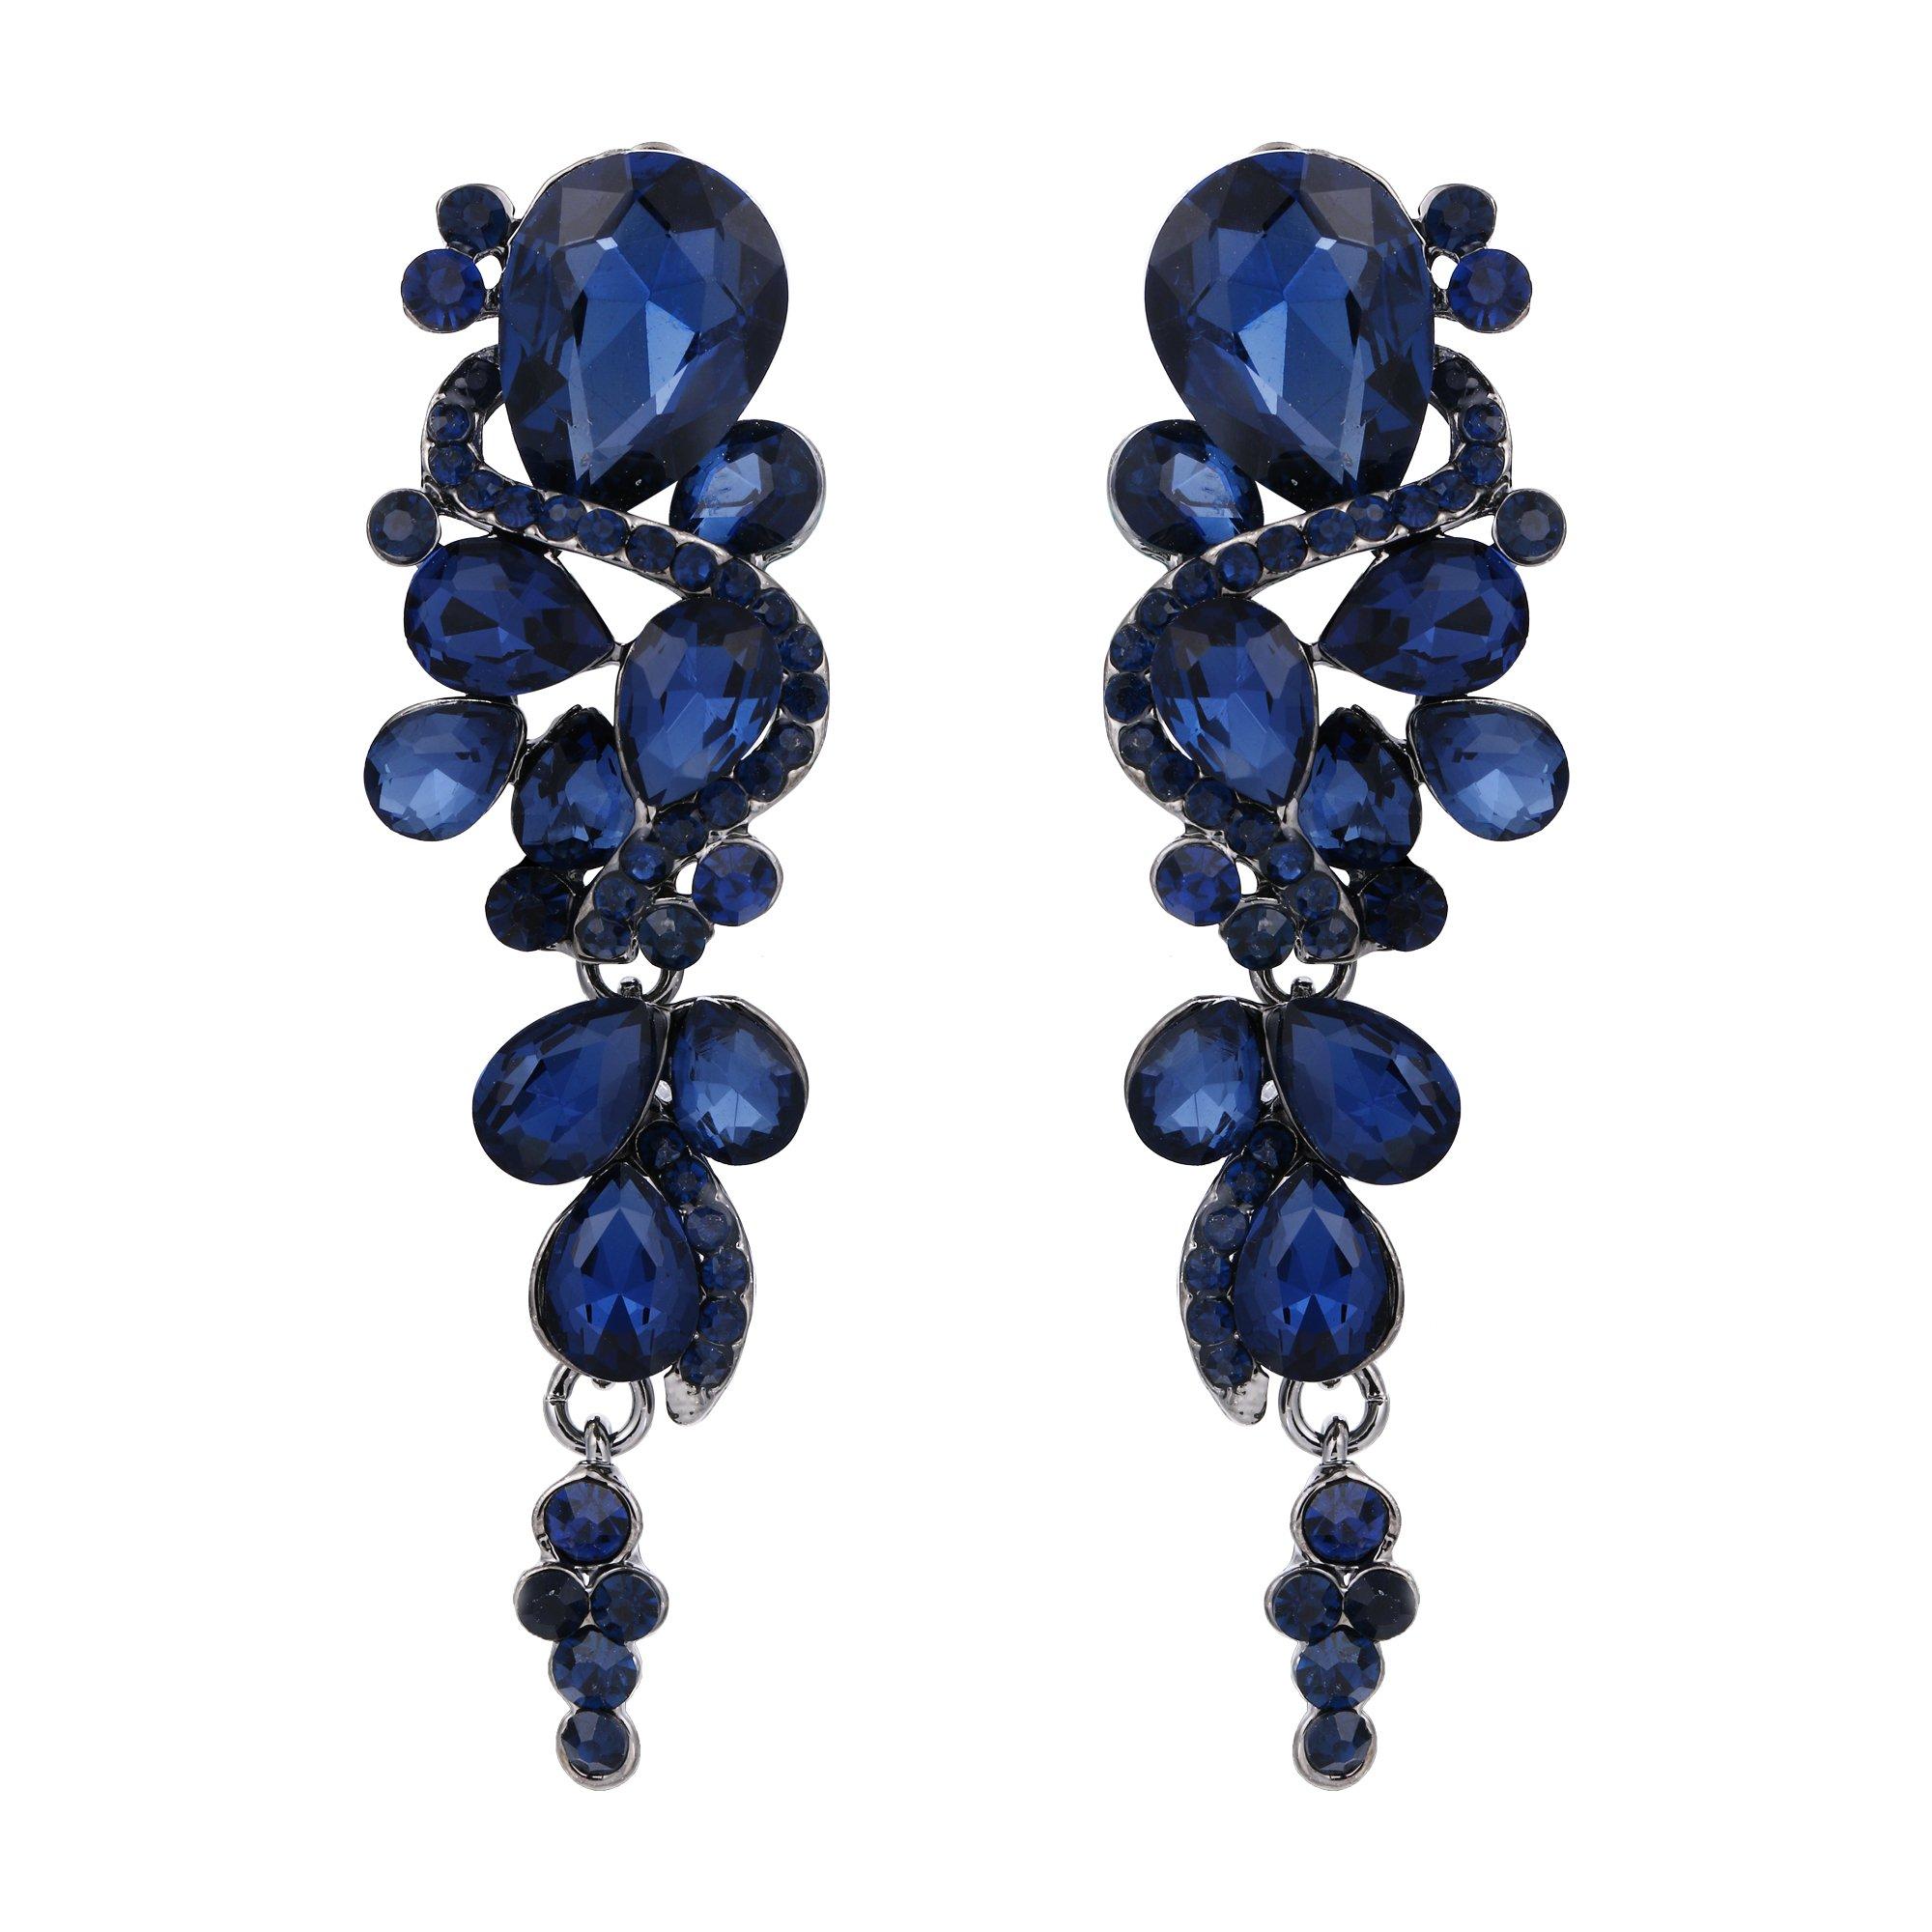 BriLove Women's Wedding Bridal Clip-On Dangle Earrings Bohemian Boho Crystal Multiple Teardrop Chandelier Earrings Navy Blue Sapphire Color Black-Silver-Tone